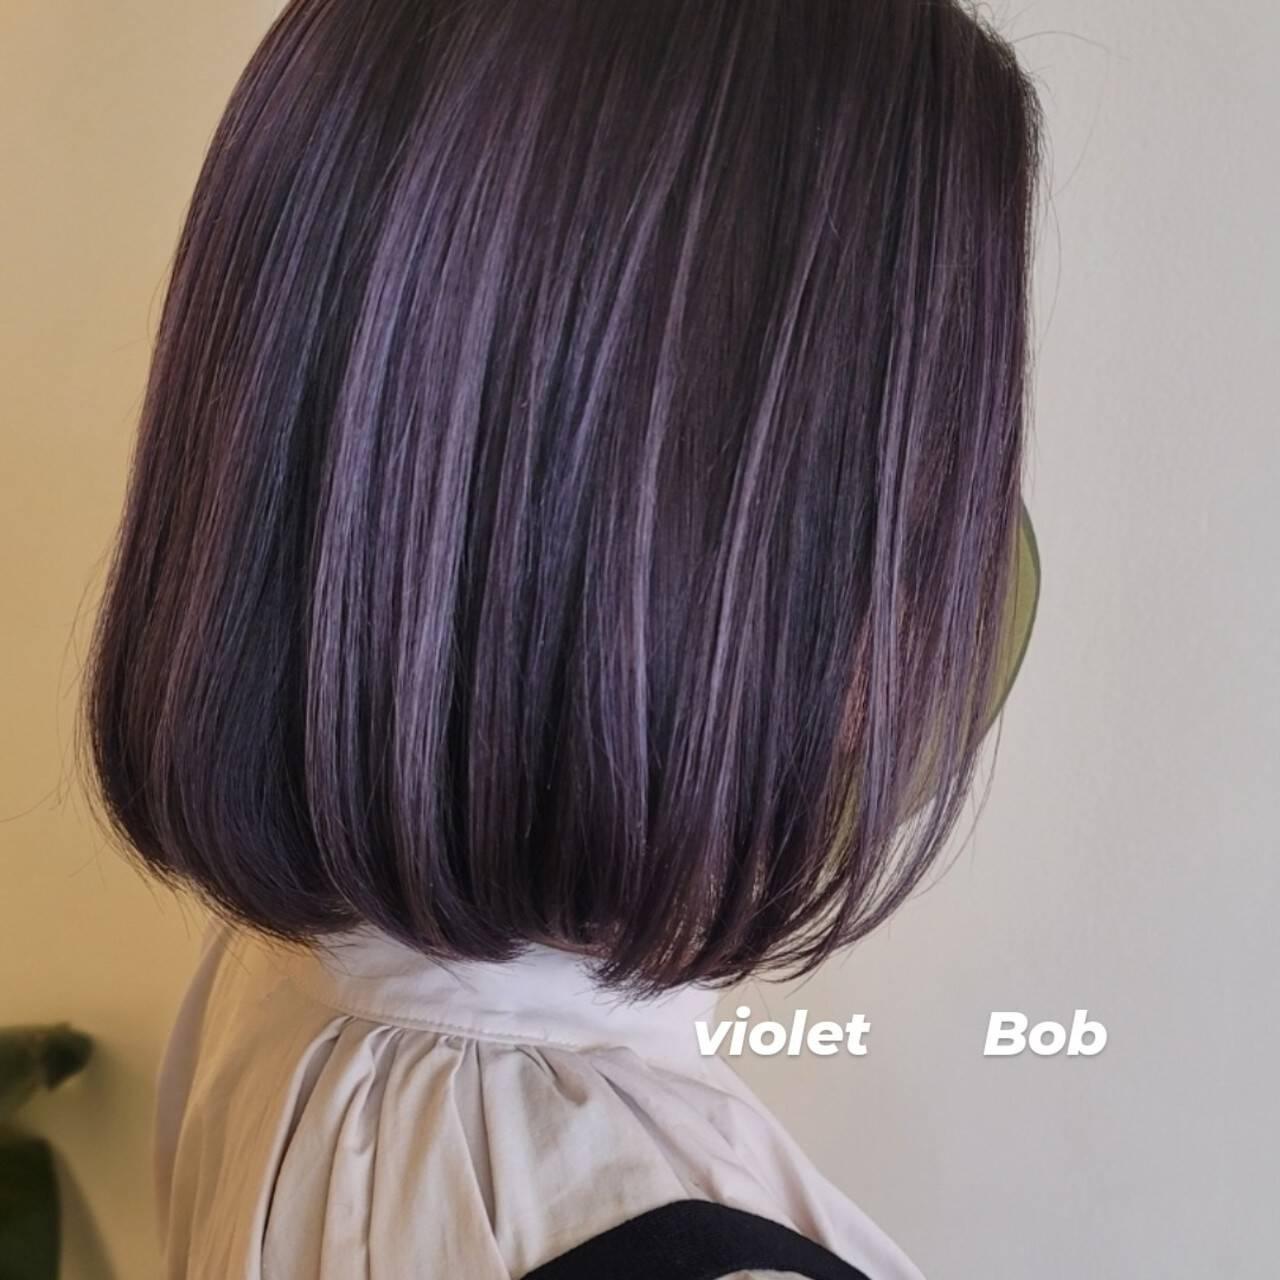 ブリーチ必須 ハイトーン バイオレットカラー モードヘアスタイルや髪型の写真・画像